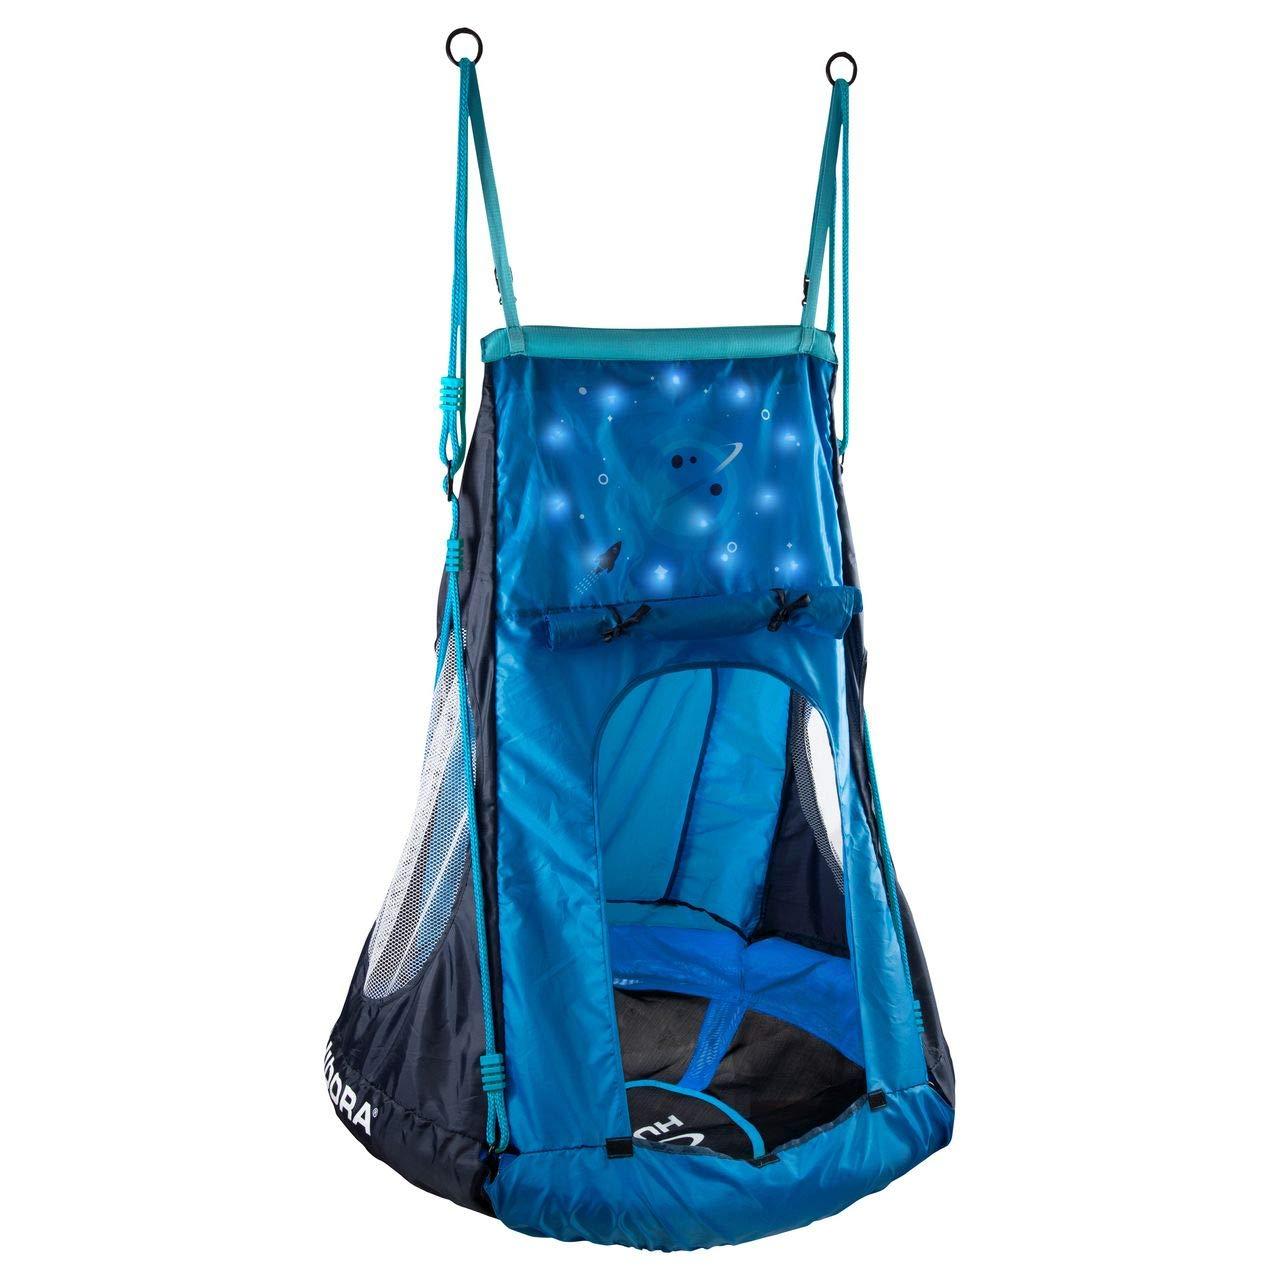 Nestschaukel Zelt mit Licht - Hudora Nestschaukel mit Zelt